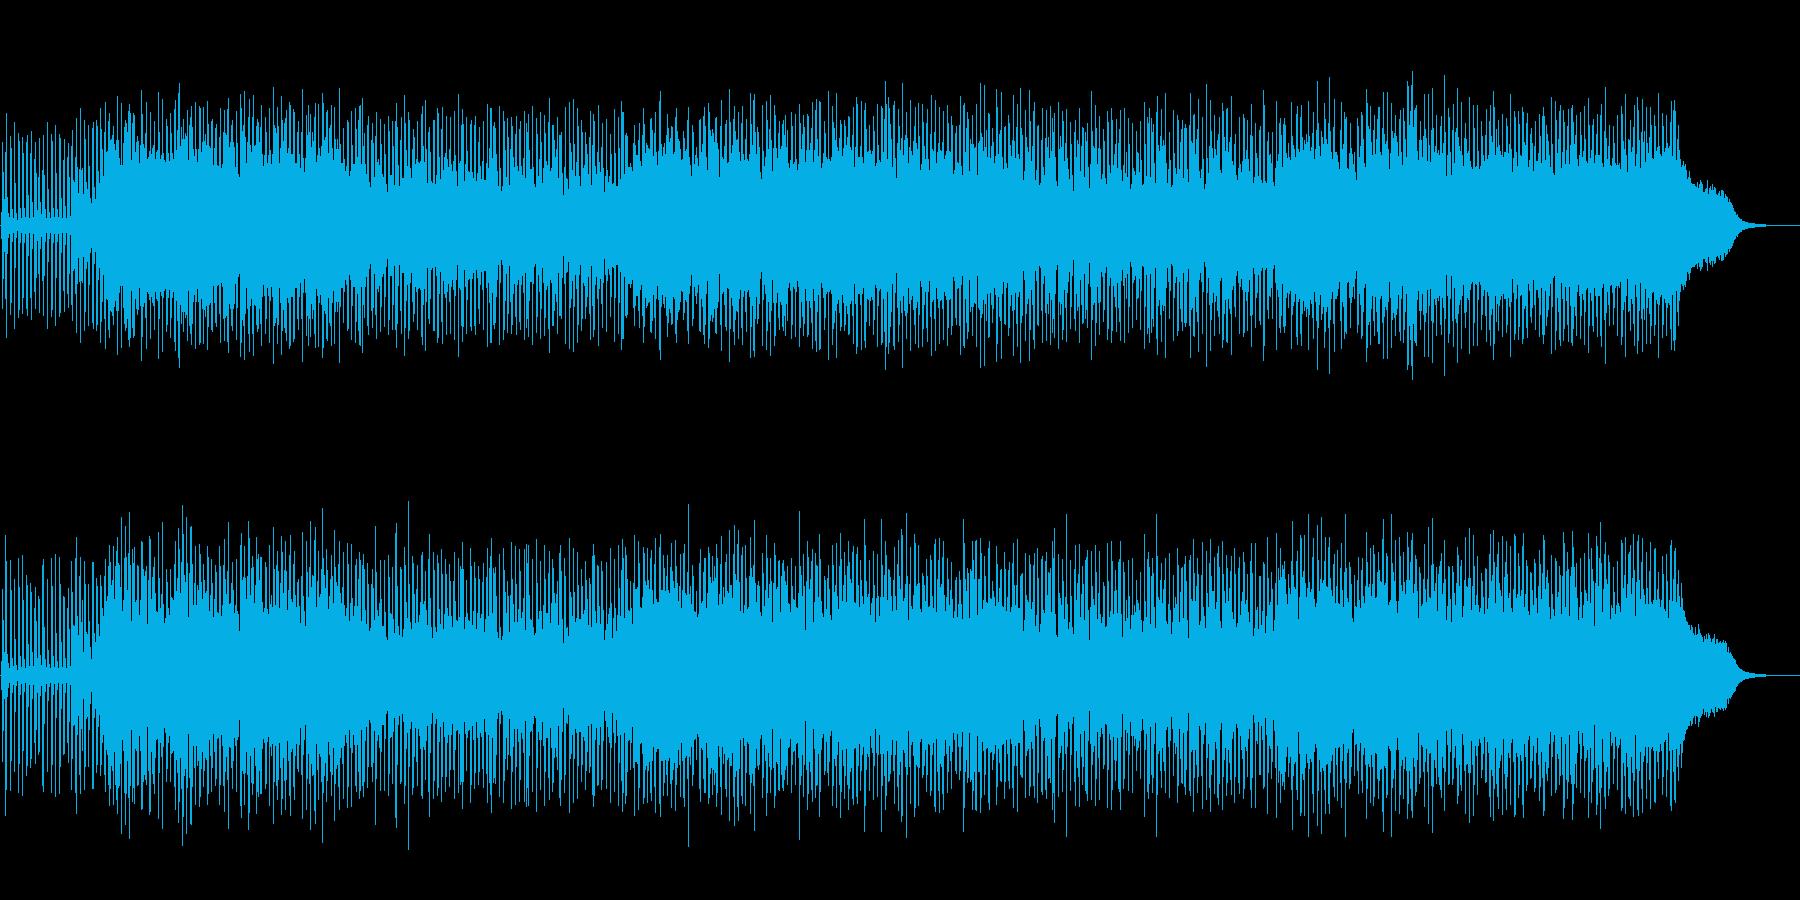 シャッフルしたポップの再生済みの波形